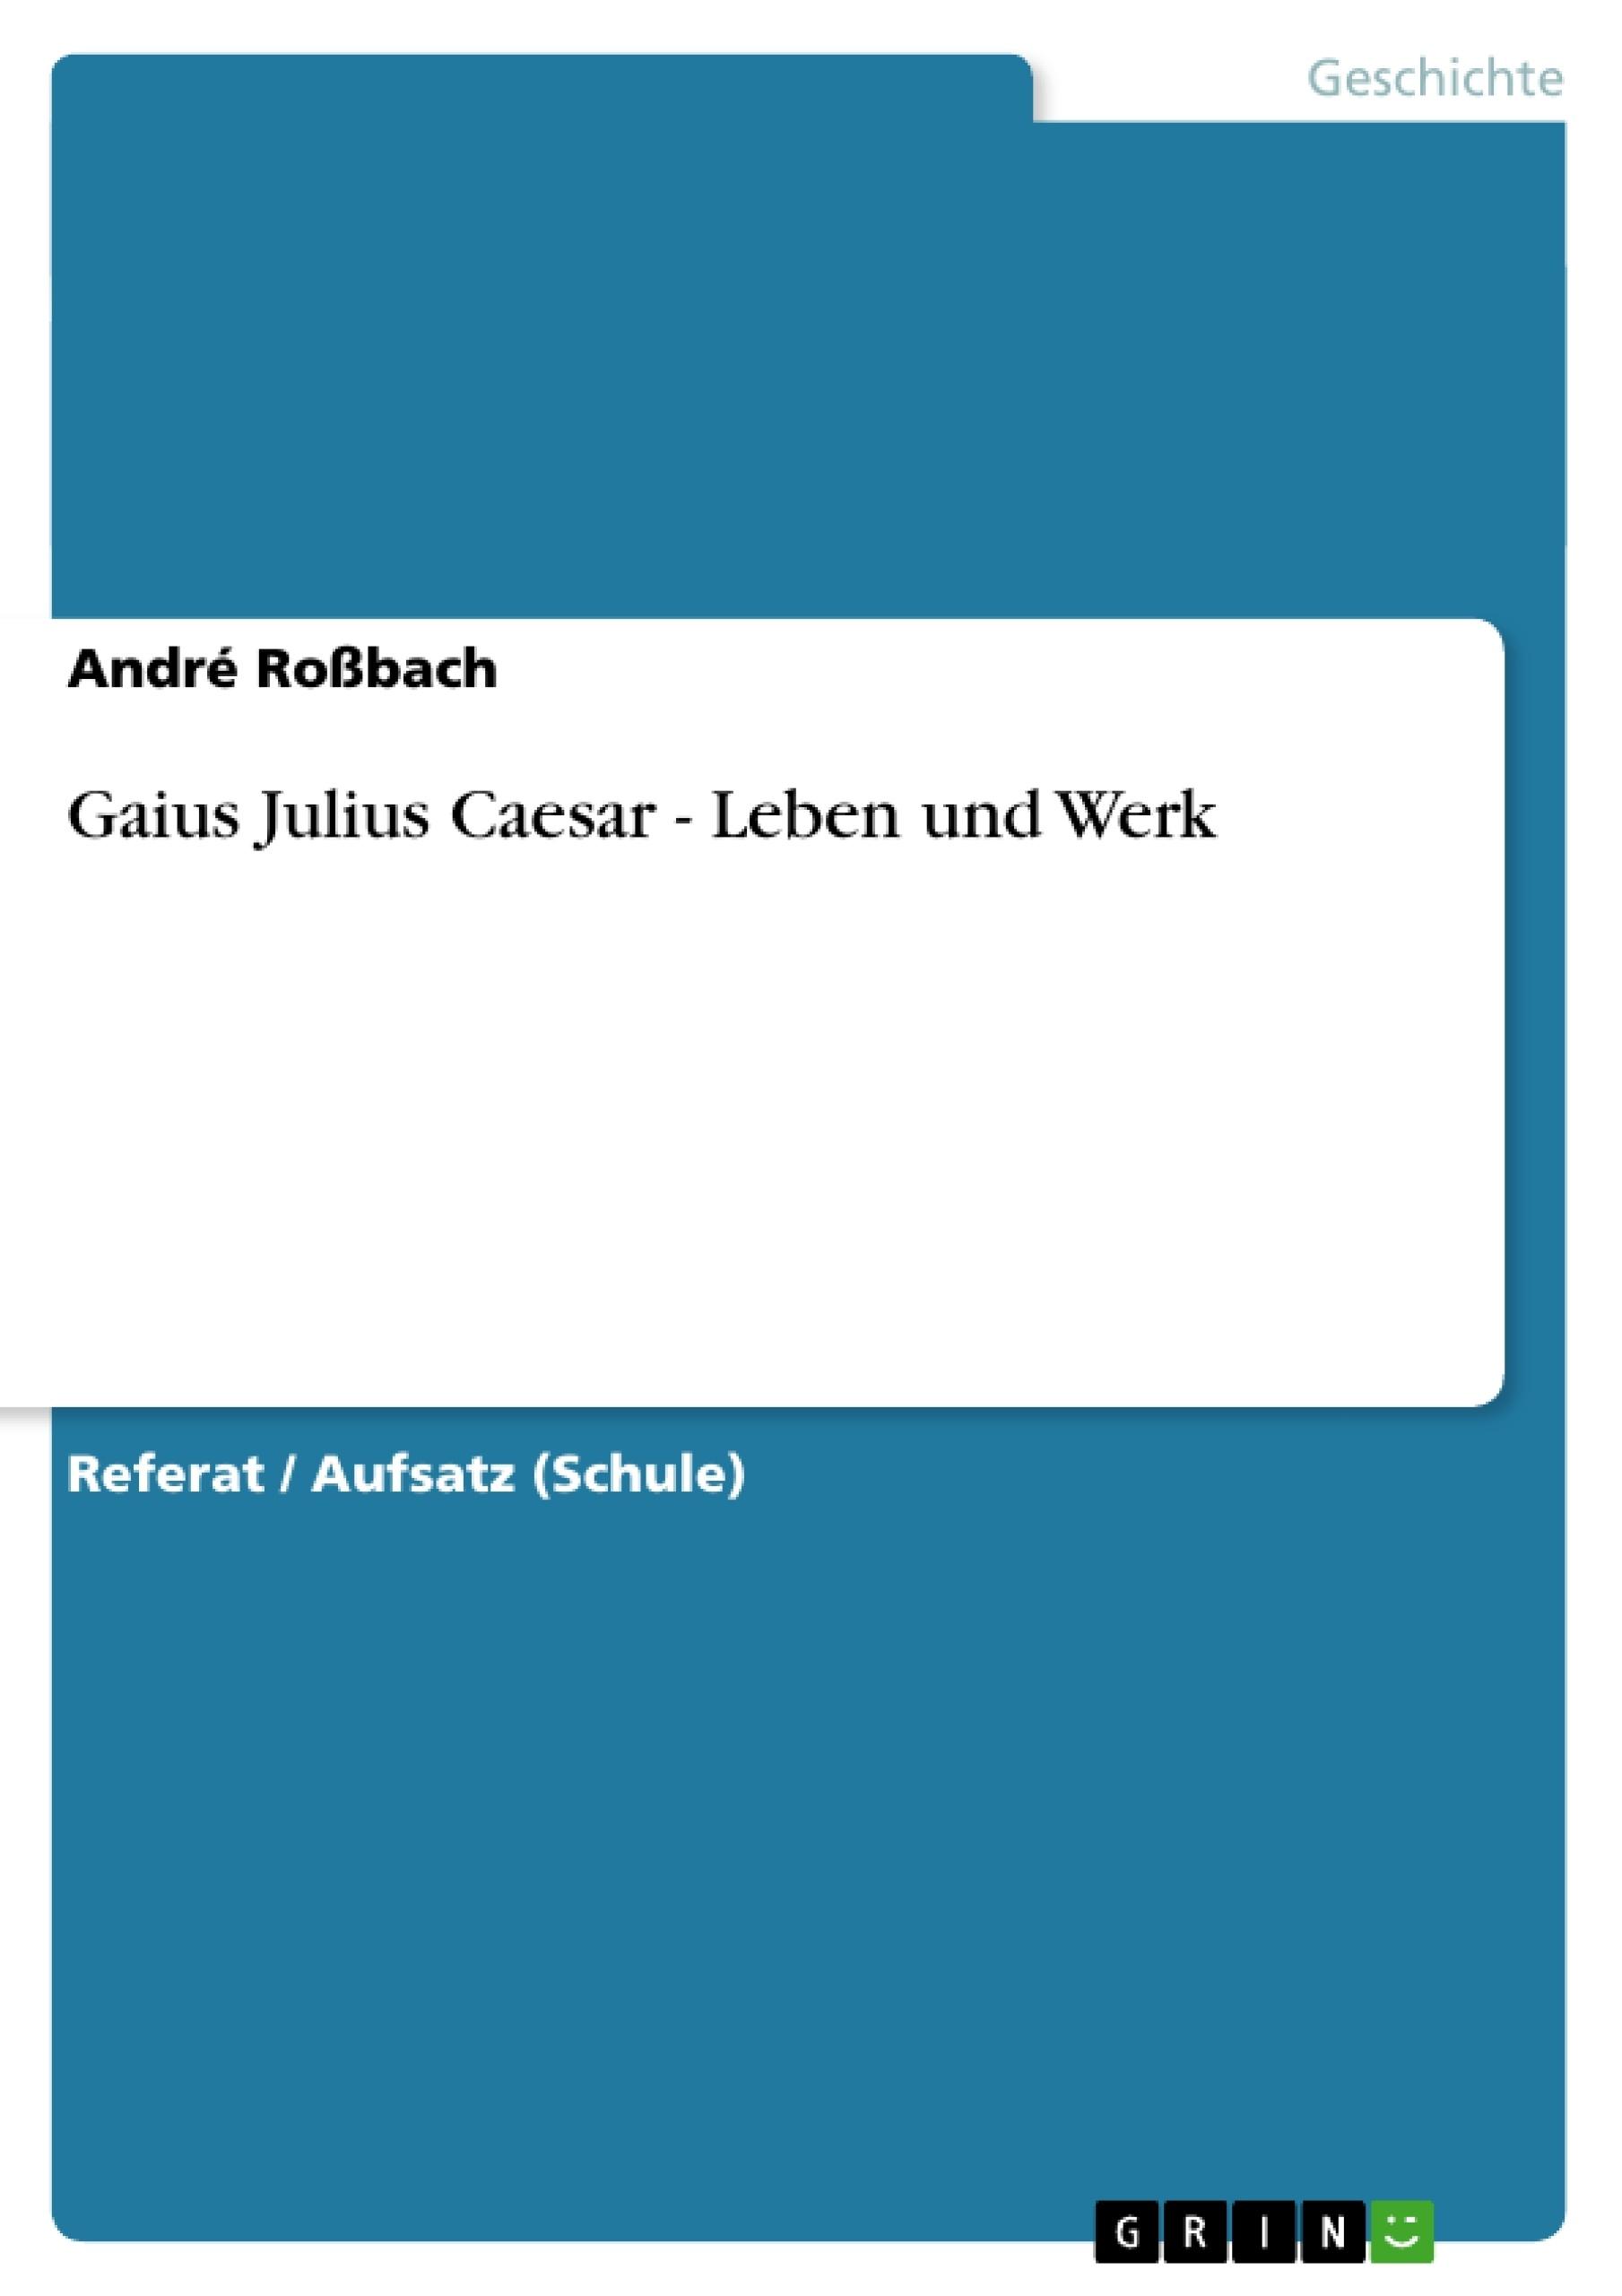 Titel: Gaius Julius Caesar - Leben und Werk